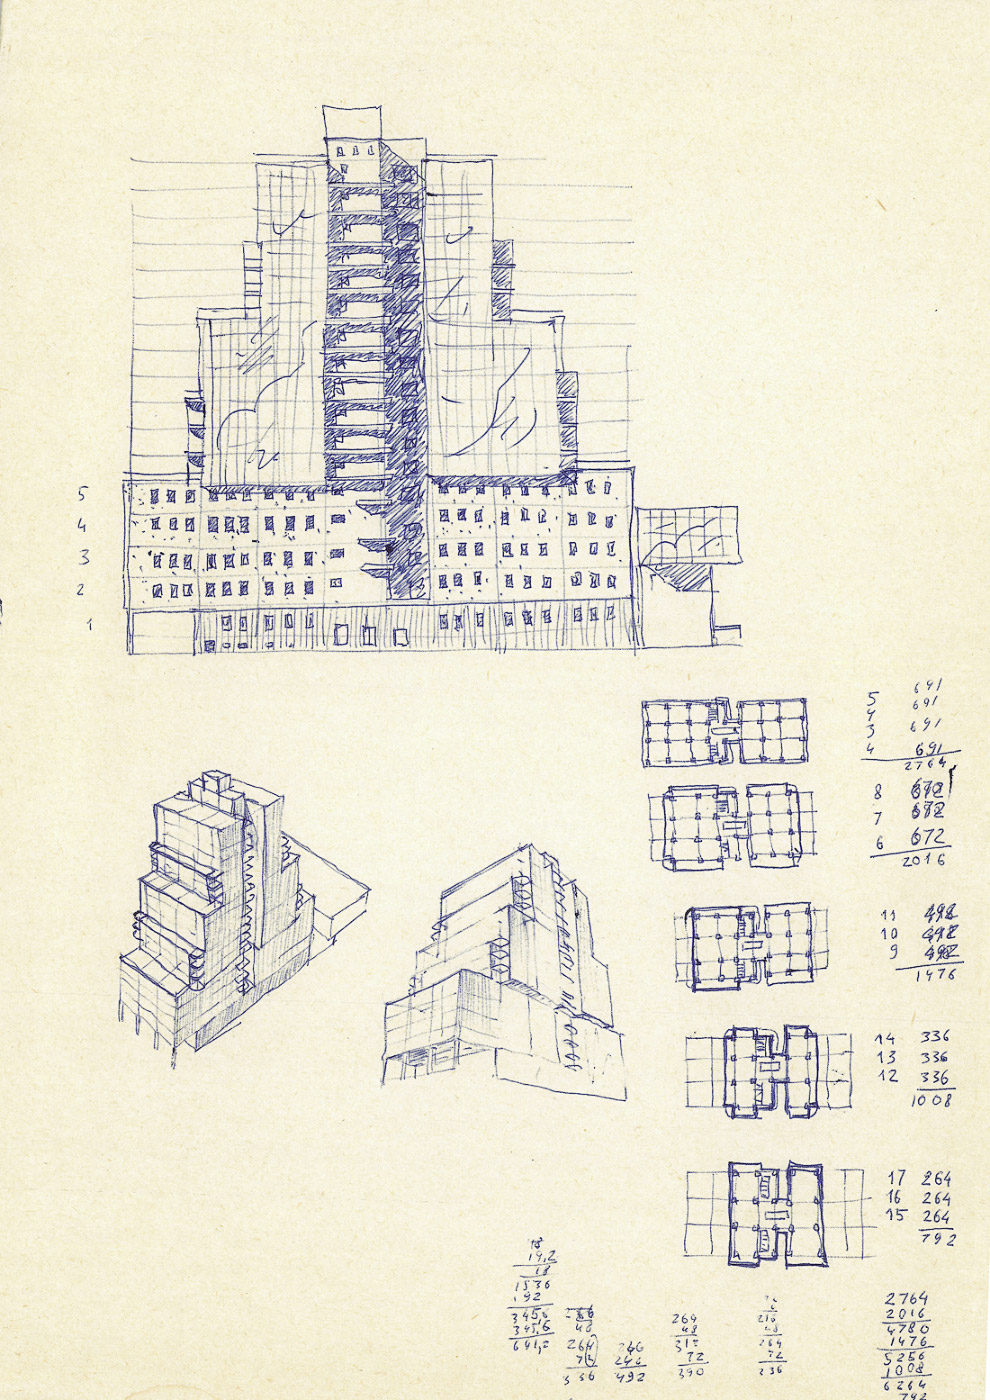 36. Этот вариант похож на московский торгово-деловой комплекс «Смоленский пассаж», открытый в 1998 г